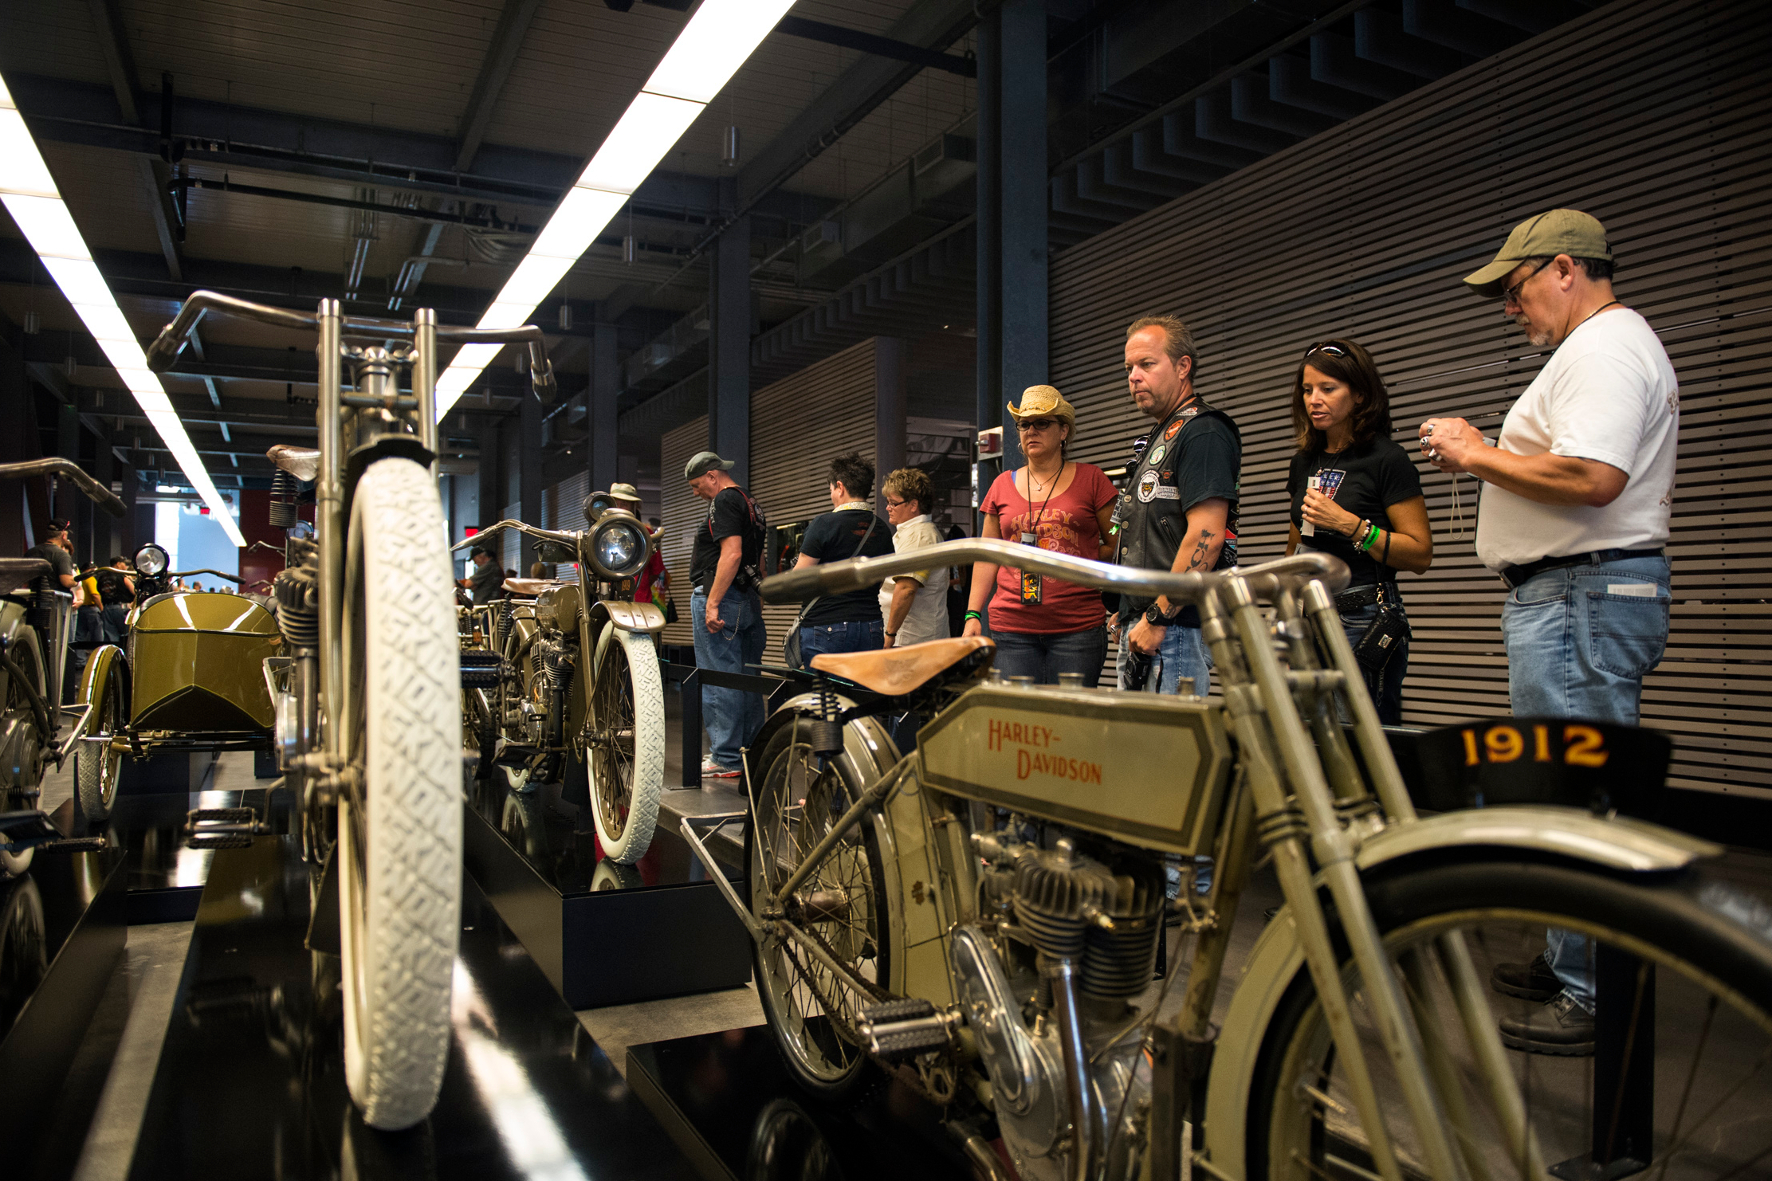 Jubiläum: US-Motorrad-Kultmarke eröffnete vor 10 Jahren eine Dauerausstellung